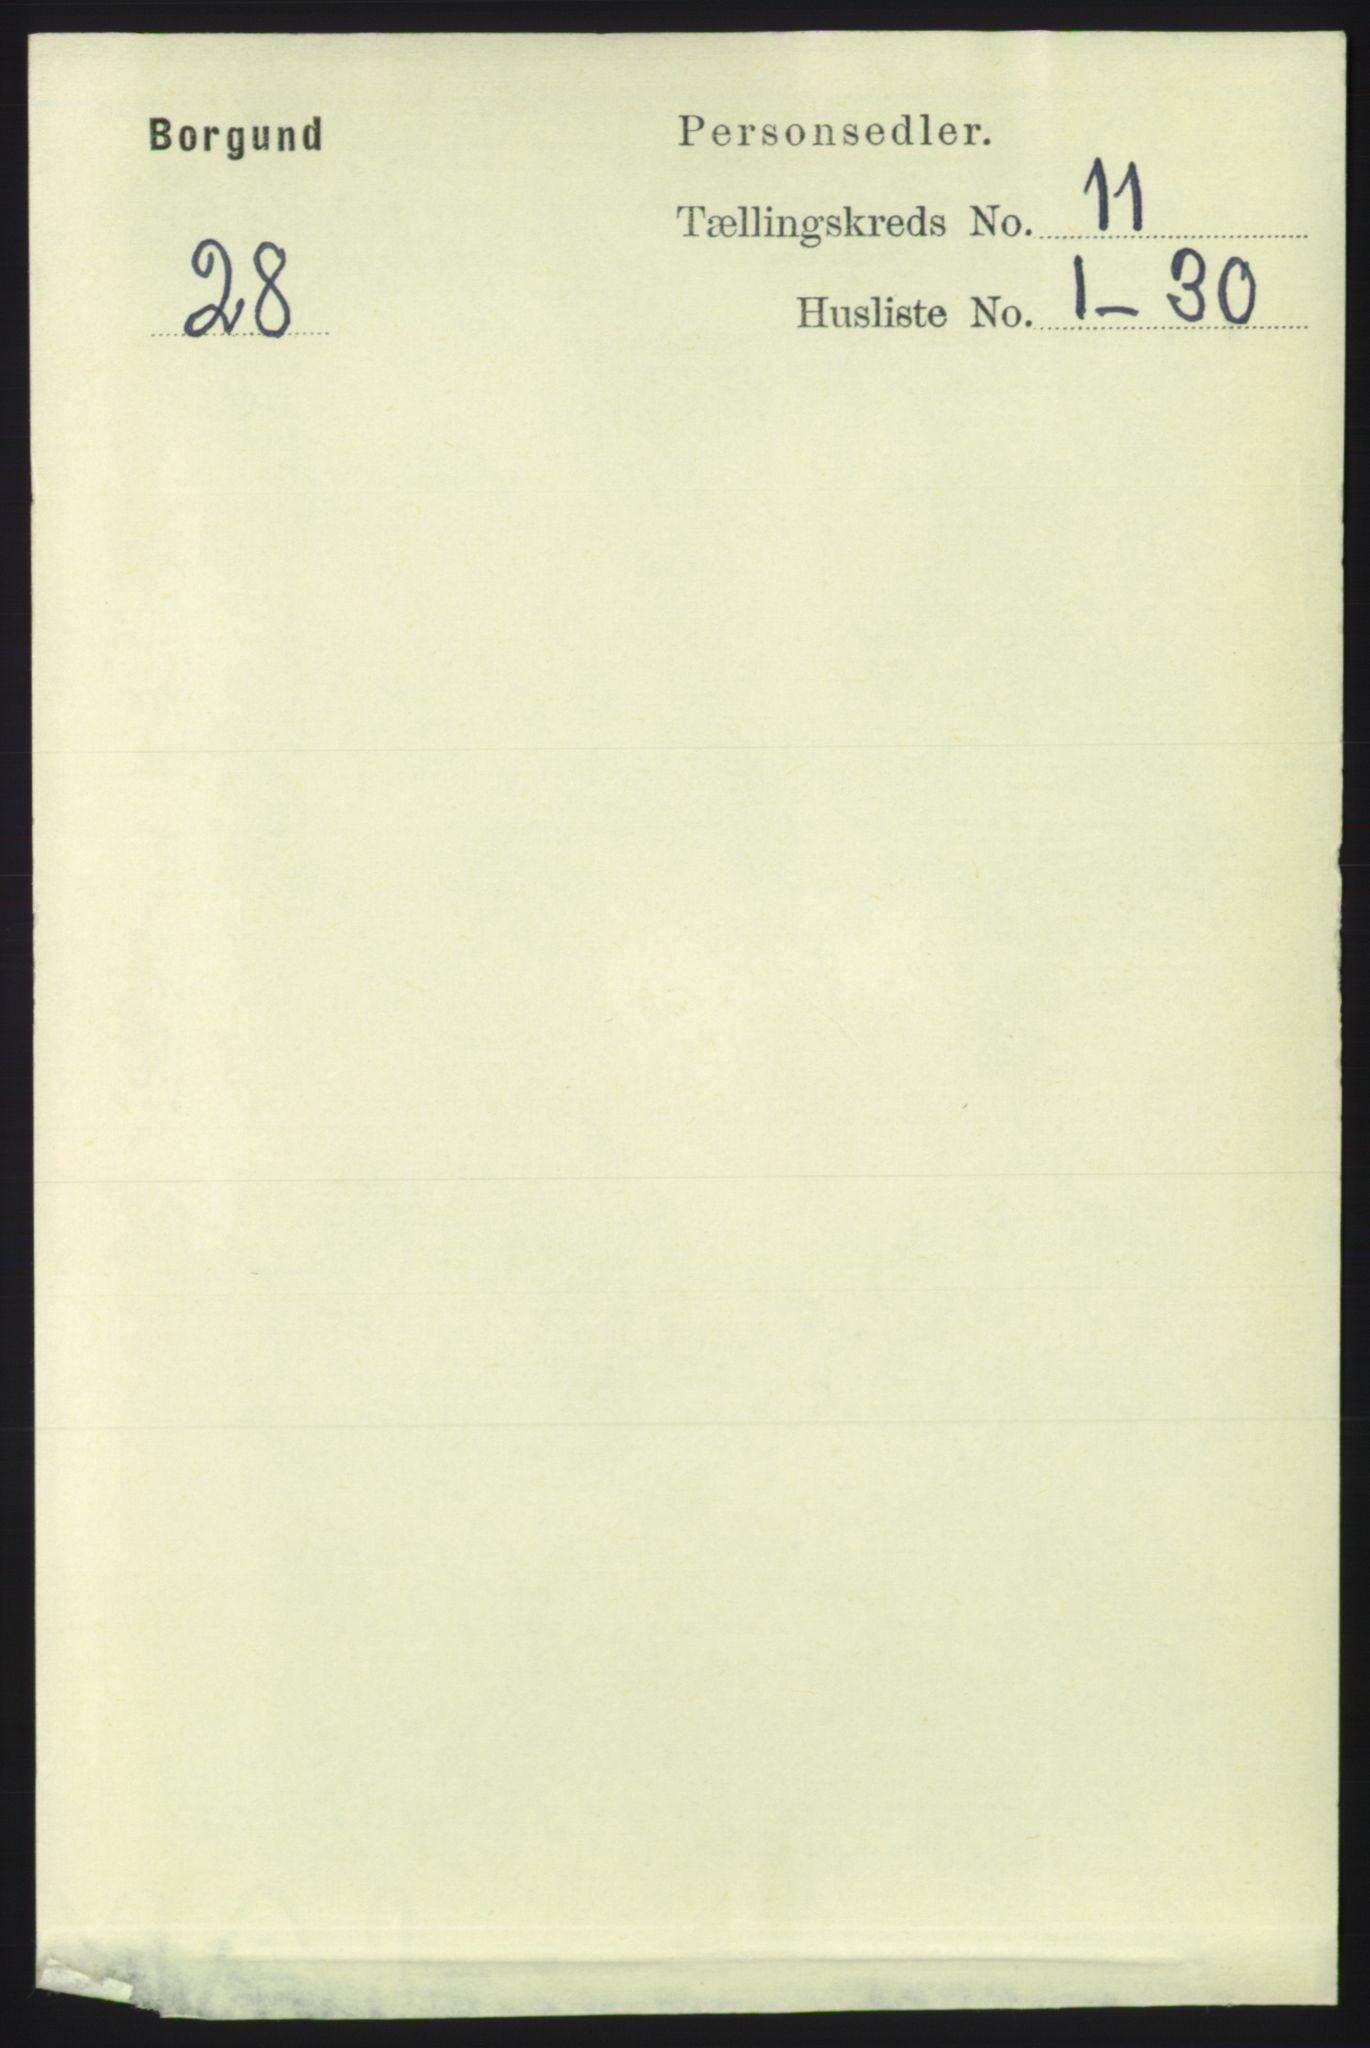 RA, Folketelling 1891 for 1531 Borgund herred, 1891, s. 2753